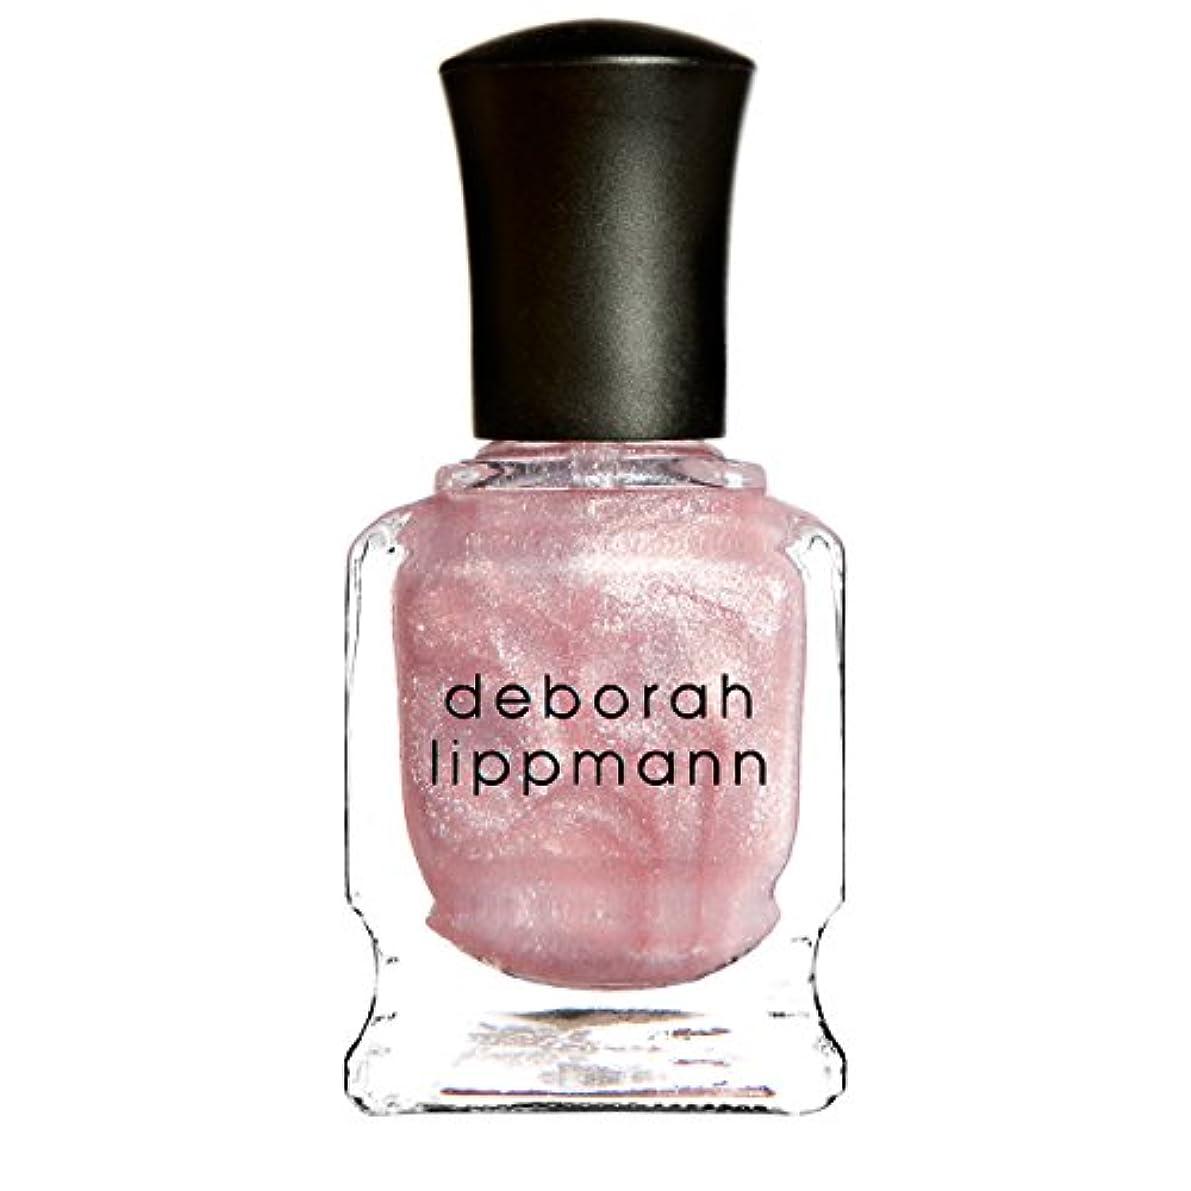 対応ドアどこでも[Deborah Lippmann] デボラリップマン ポリッシュ ピンク系 15mL (ホワットエバー ローラ ウォンツ)